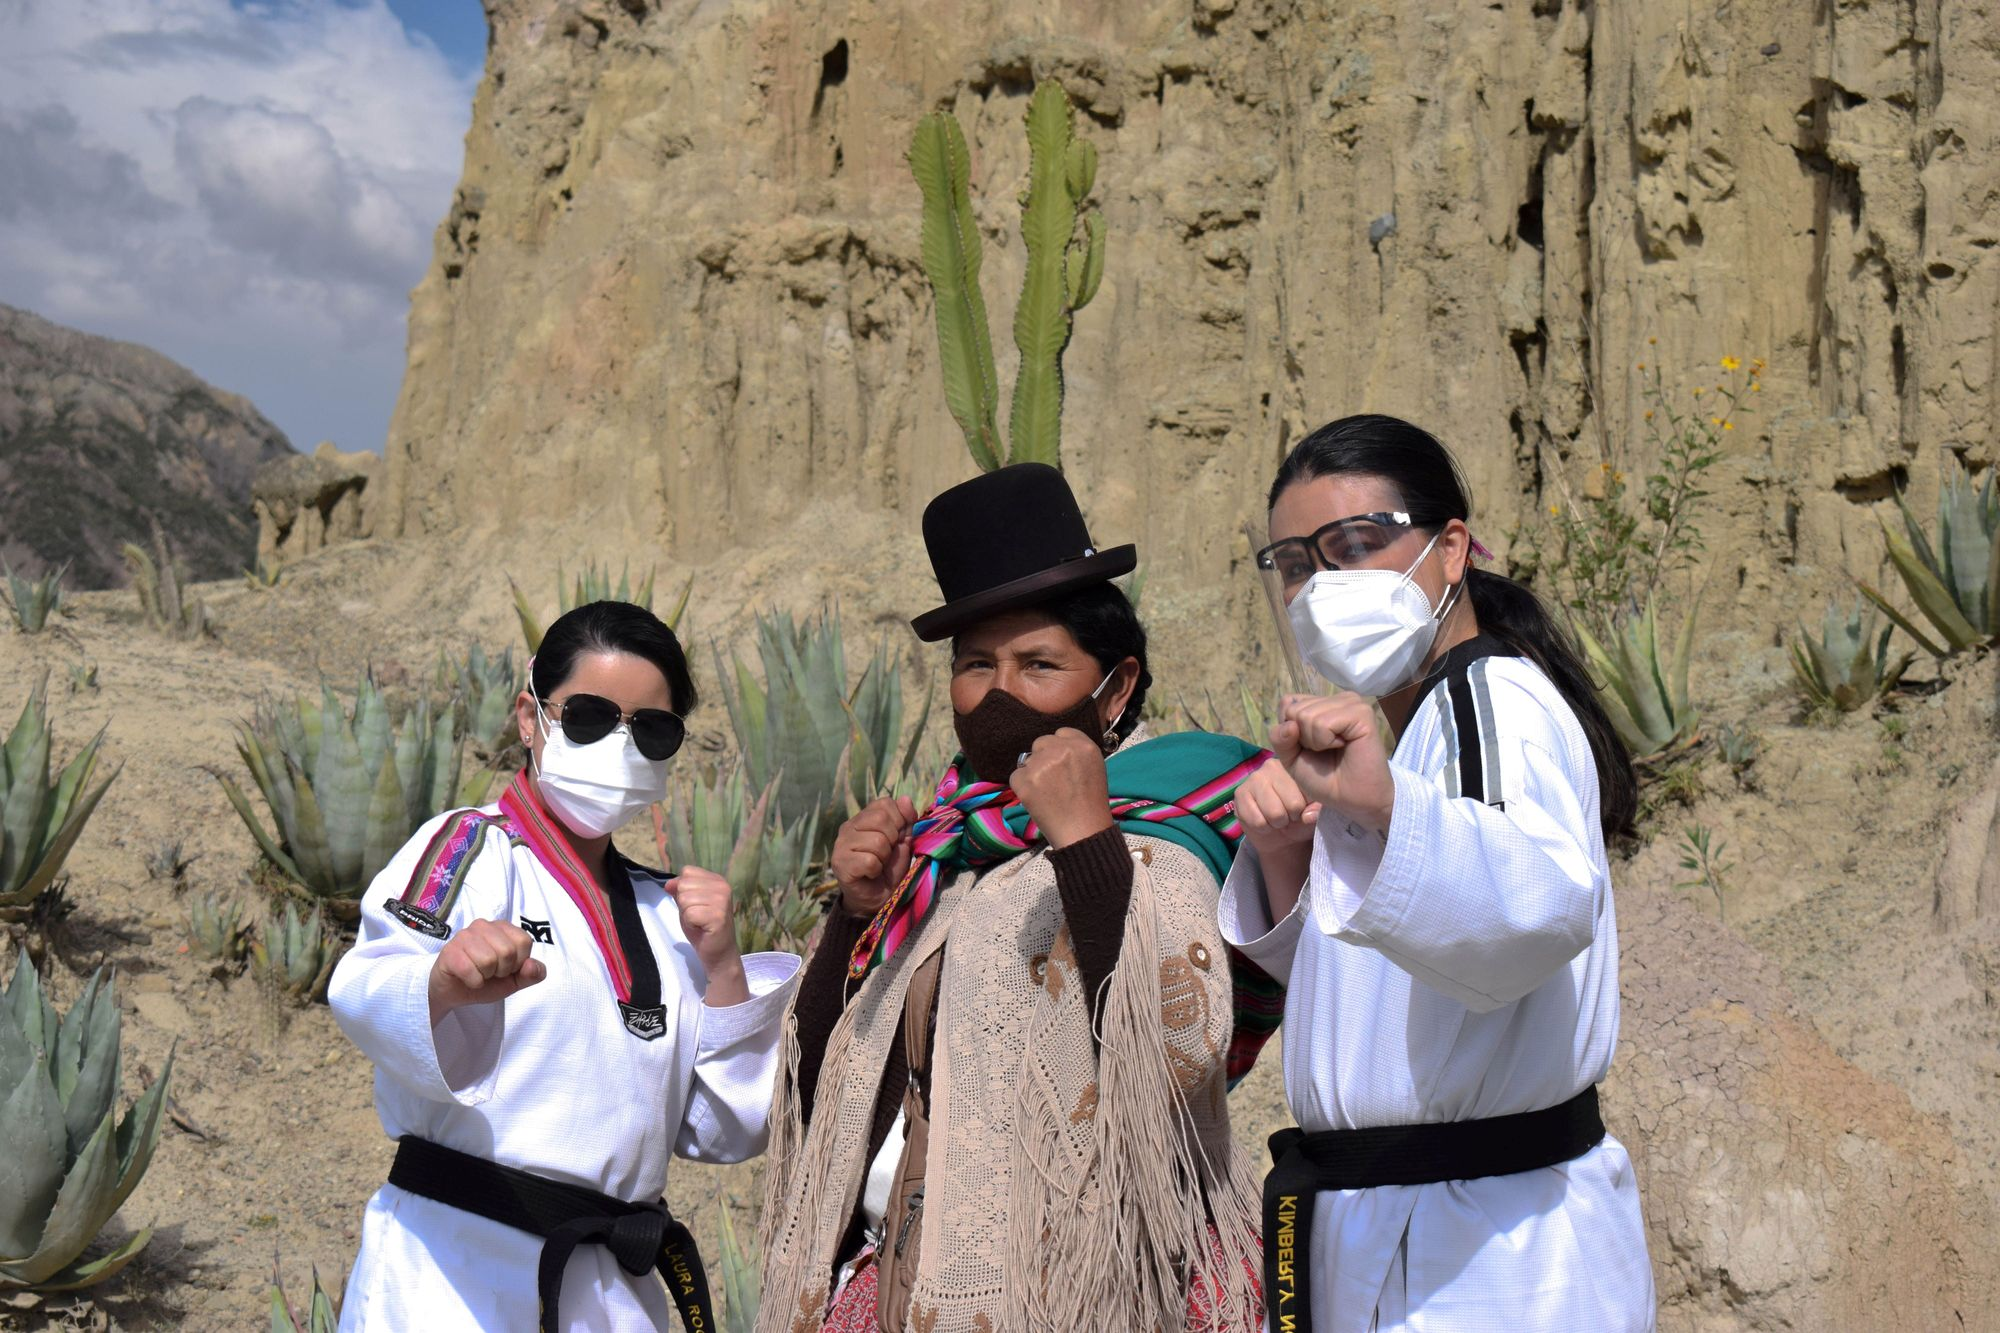 Tres mujeres muestran el poder femenino en una demostración de taekwondo en Bolivia